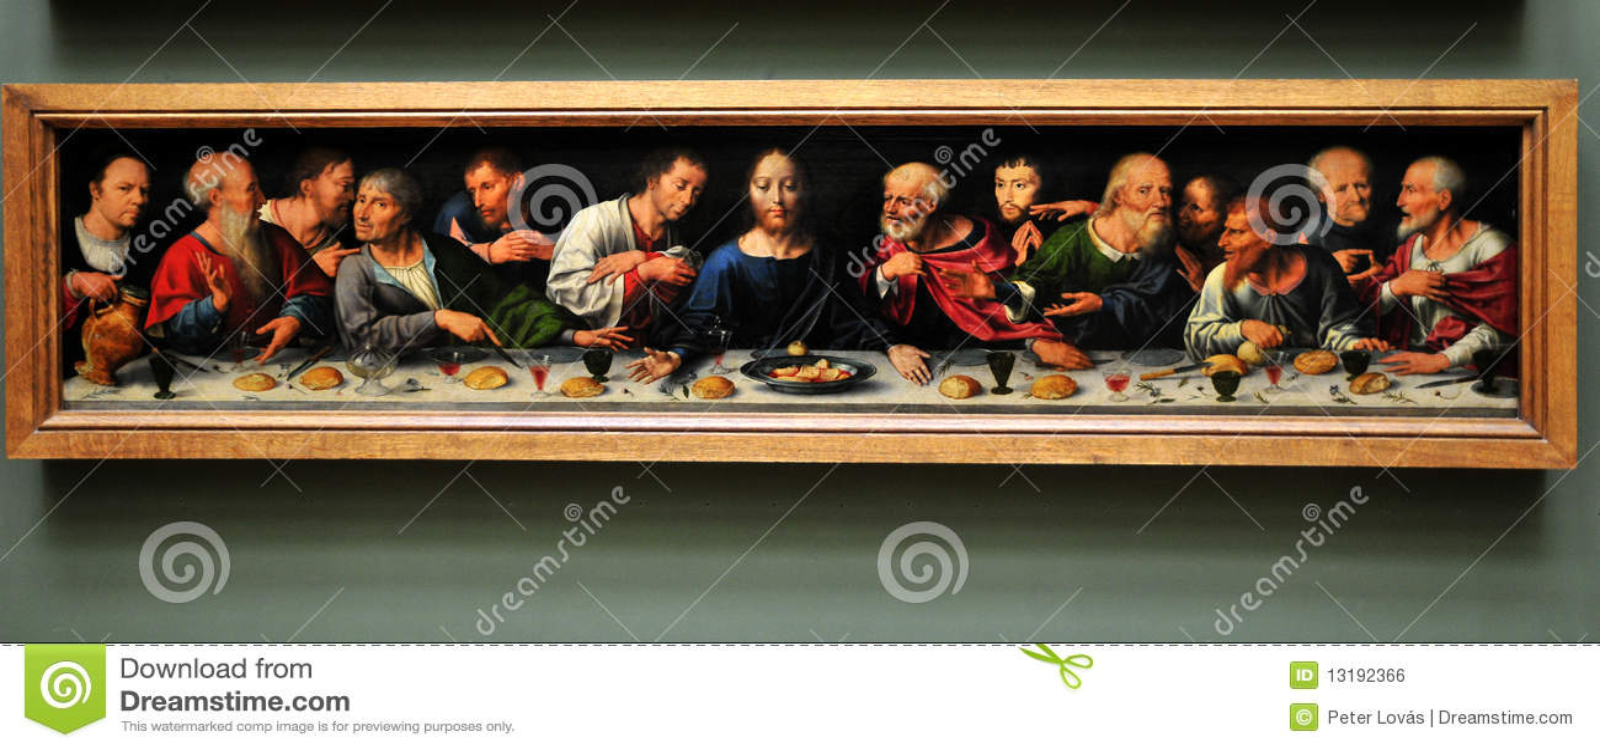 Museo de la lumbrera - Joos van Cleve -